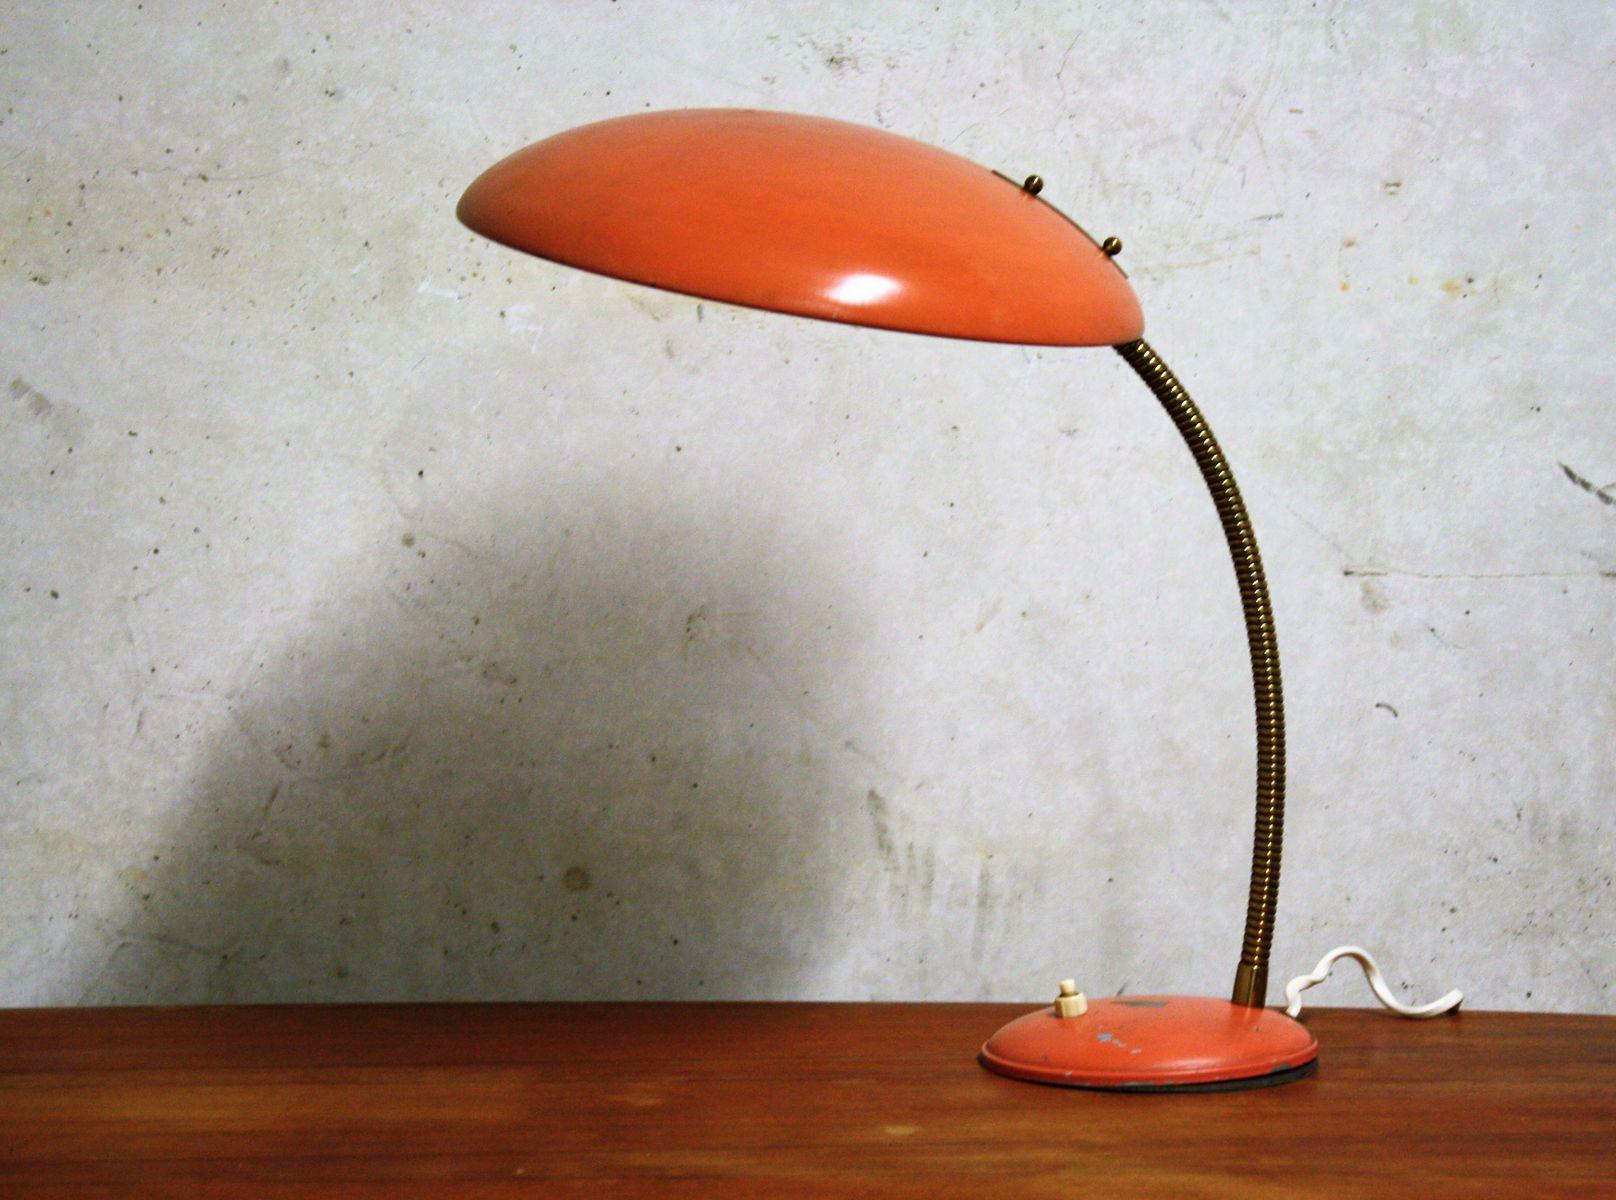 lampe de bureau bauhaus orange de philips 1960s en vente sur pamono. Black Bedroom Furniture Sets. Home Design Ideas